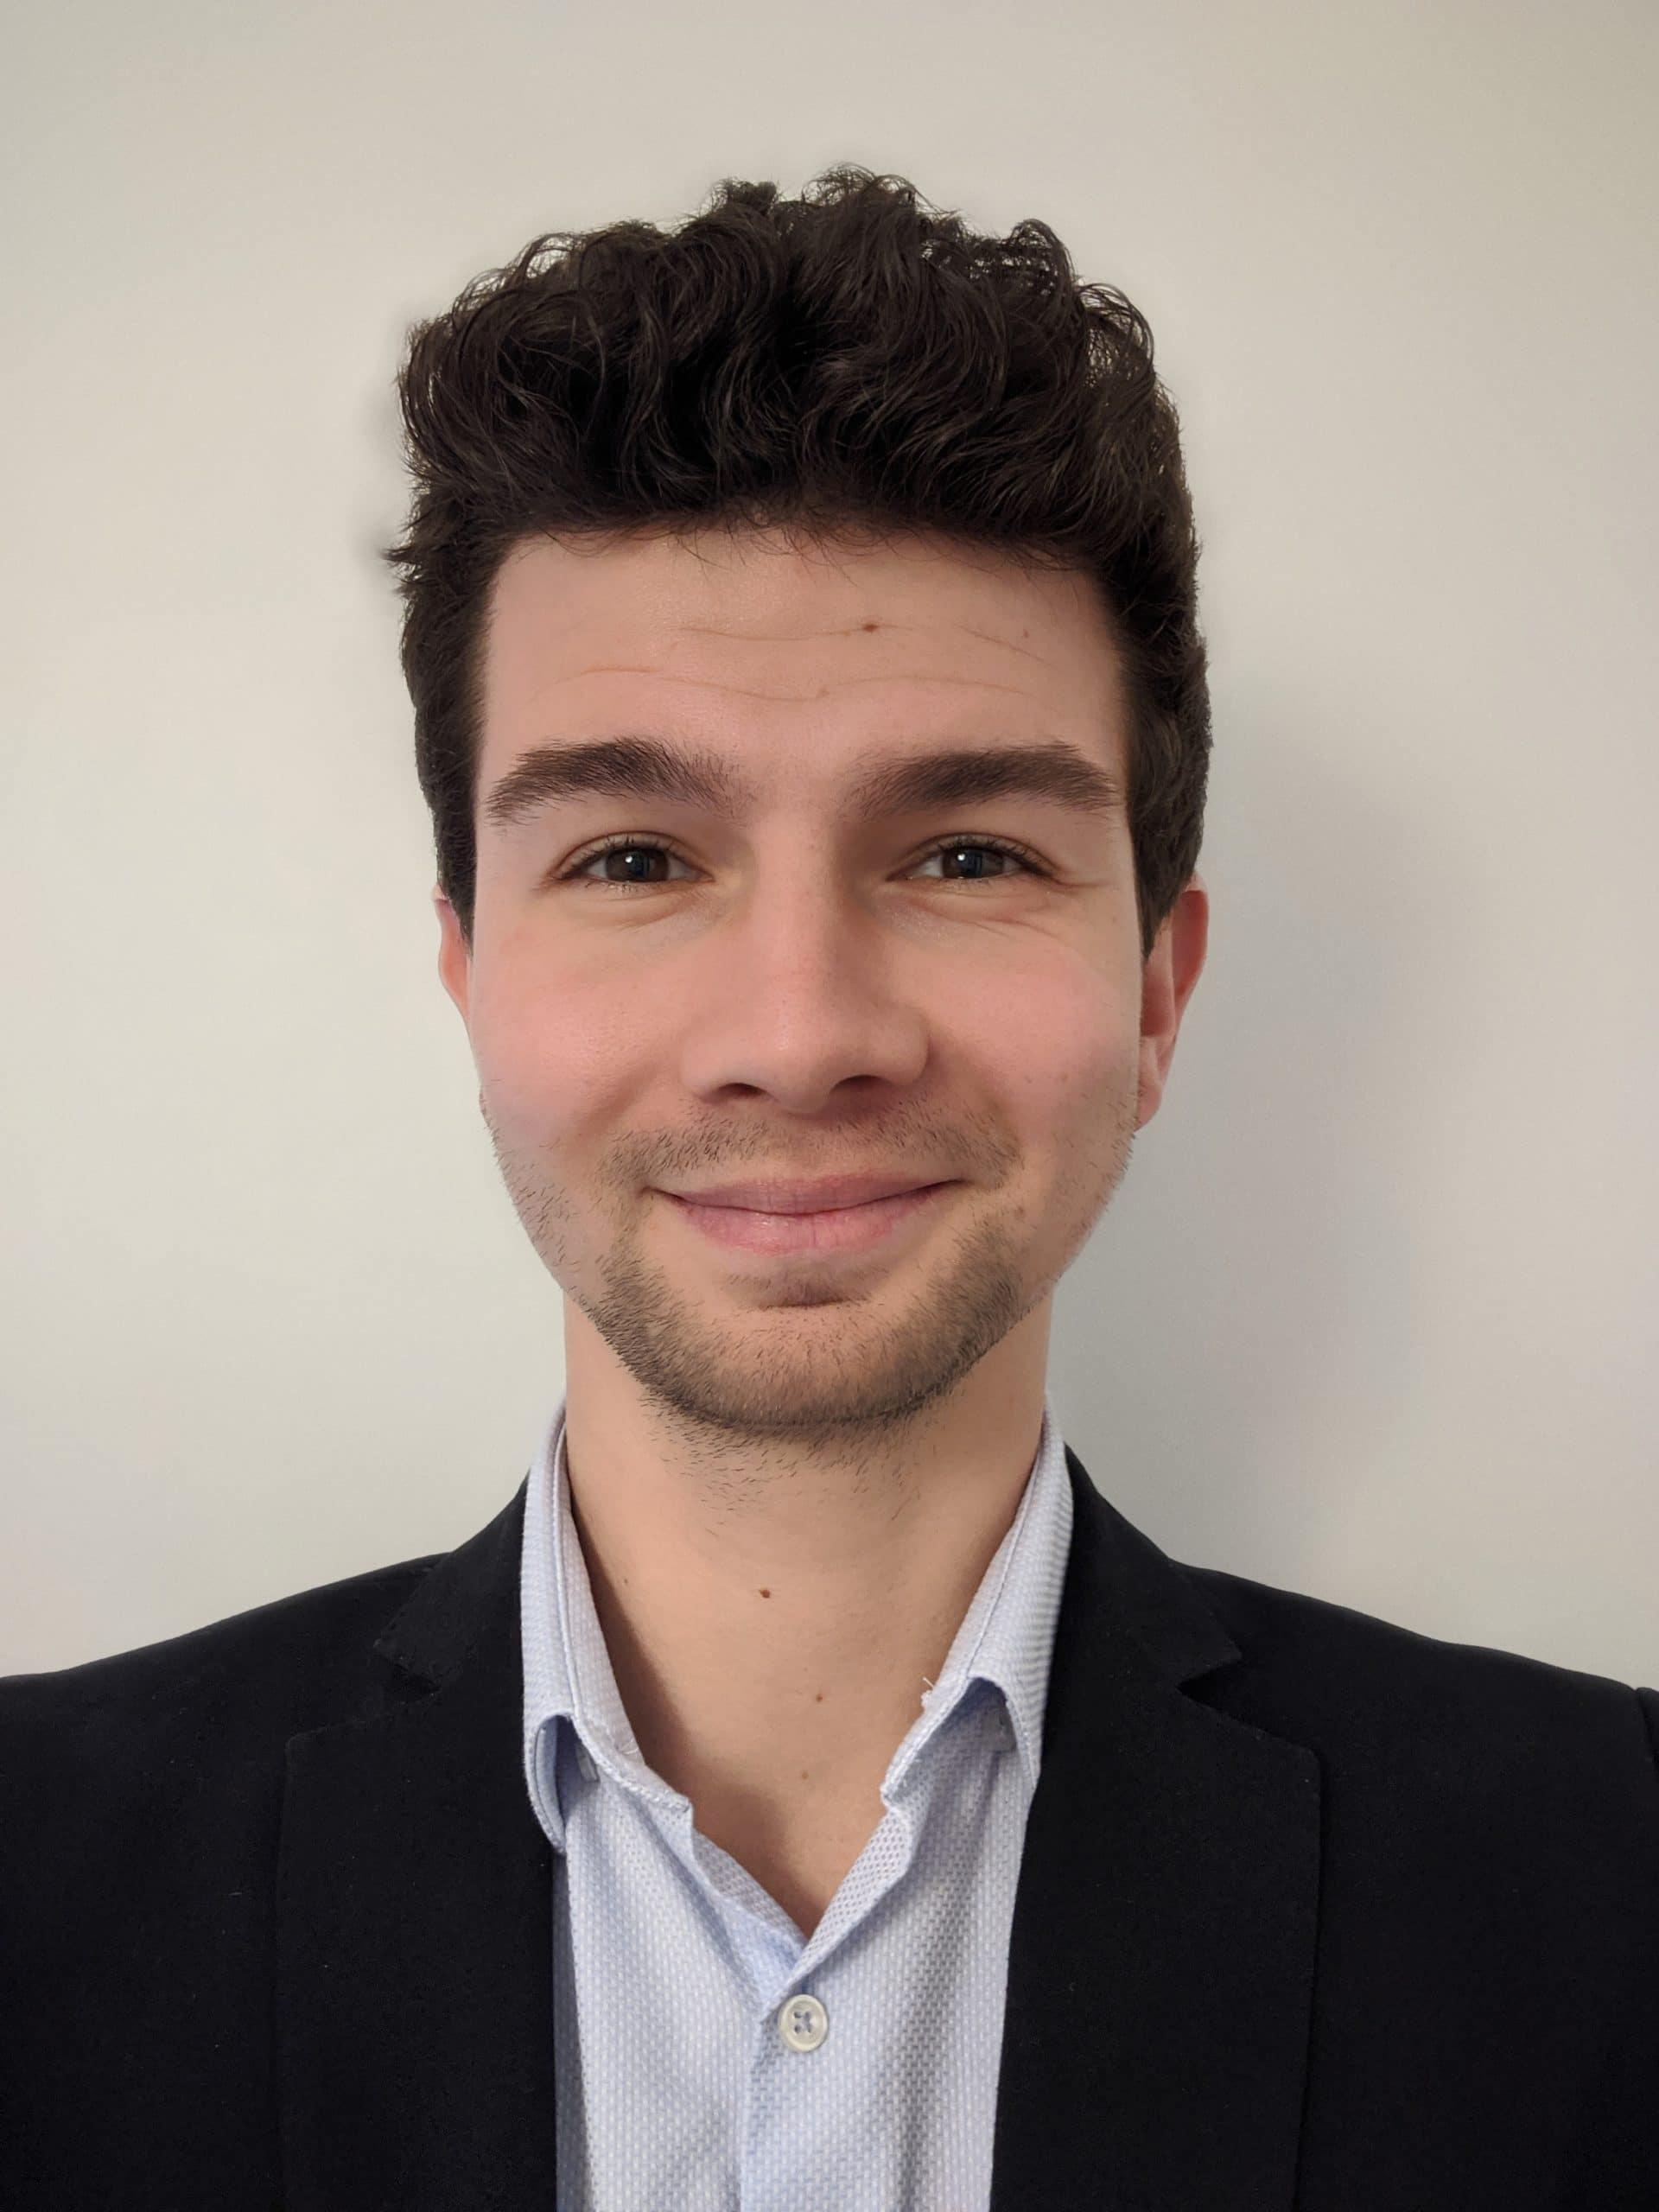 Morgan Cuvelier - Formation devenir un.e professionnel.le.s de l'accompagnement - Ambitions Plurielles